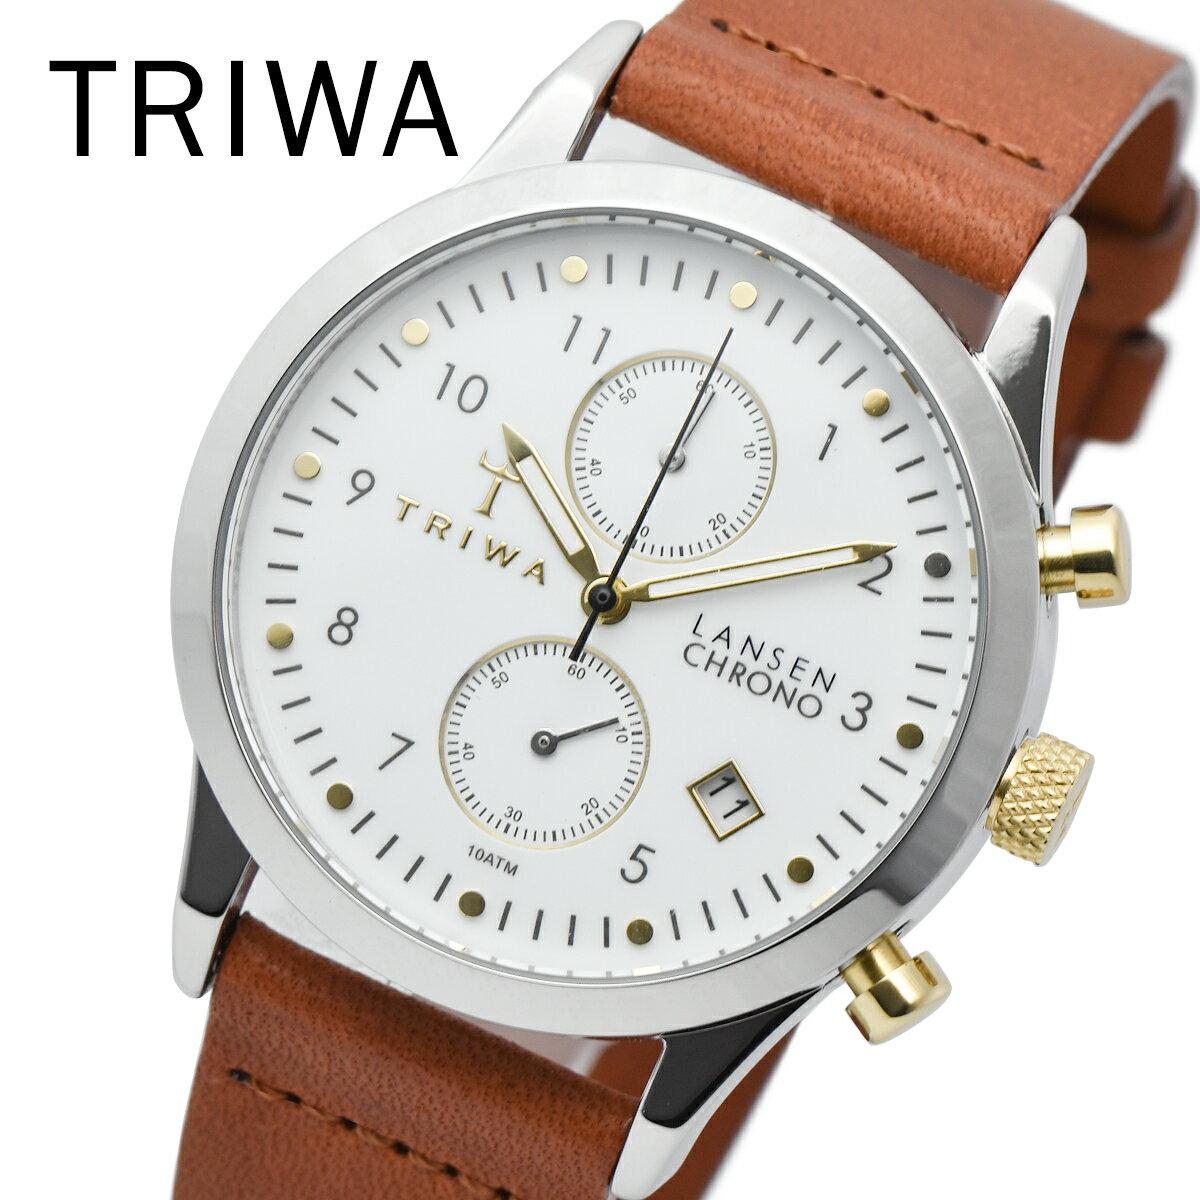 トリワ Triwa メンズ・レディース兼用 LCST106 CL010212 おしゃれ ギフト プレゼント [][海外正規店商品][送料無料] [トリワ Triwa][時計][腕時計][北欧][スウェーデン][送料無料]